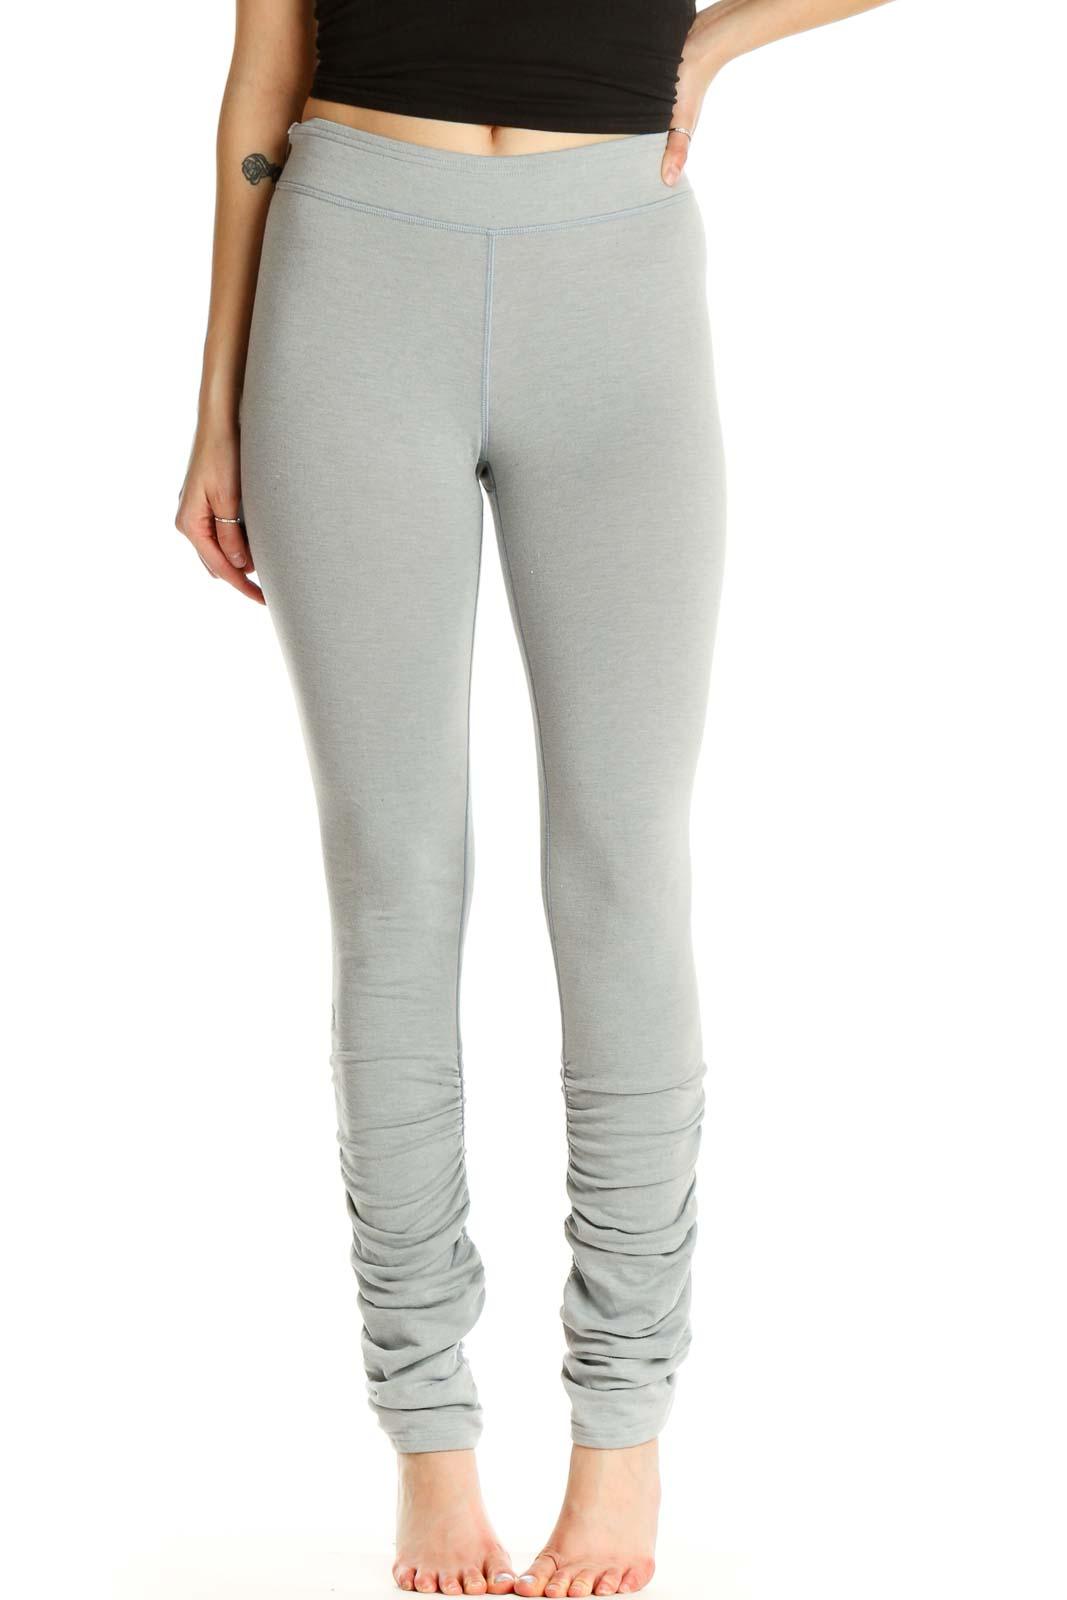 Beige Textured Activewear Leggings Front